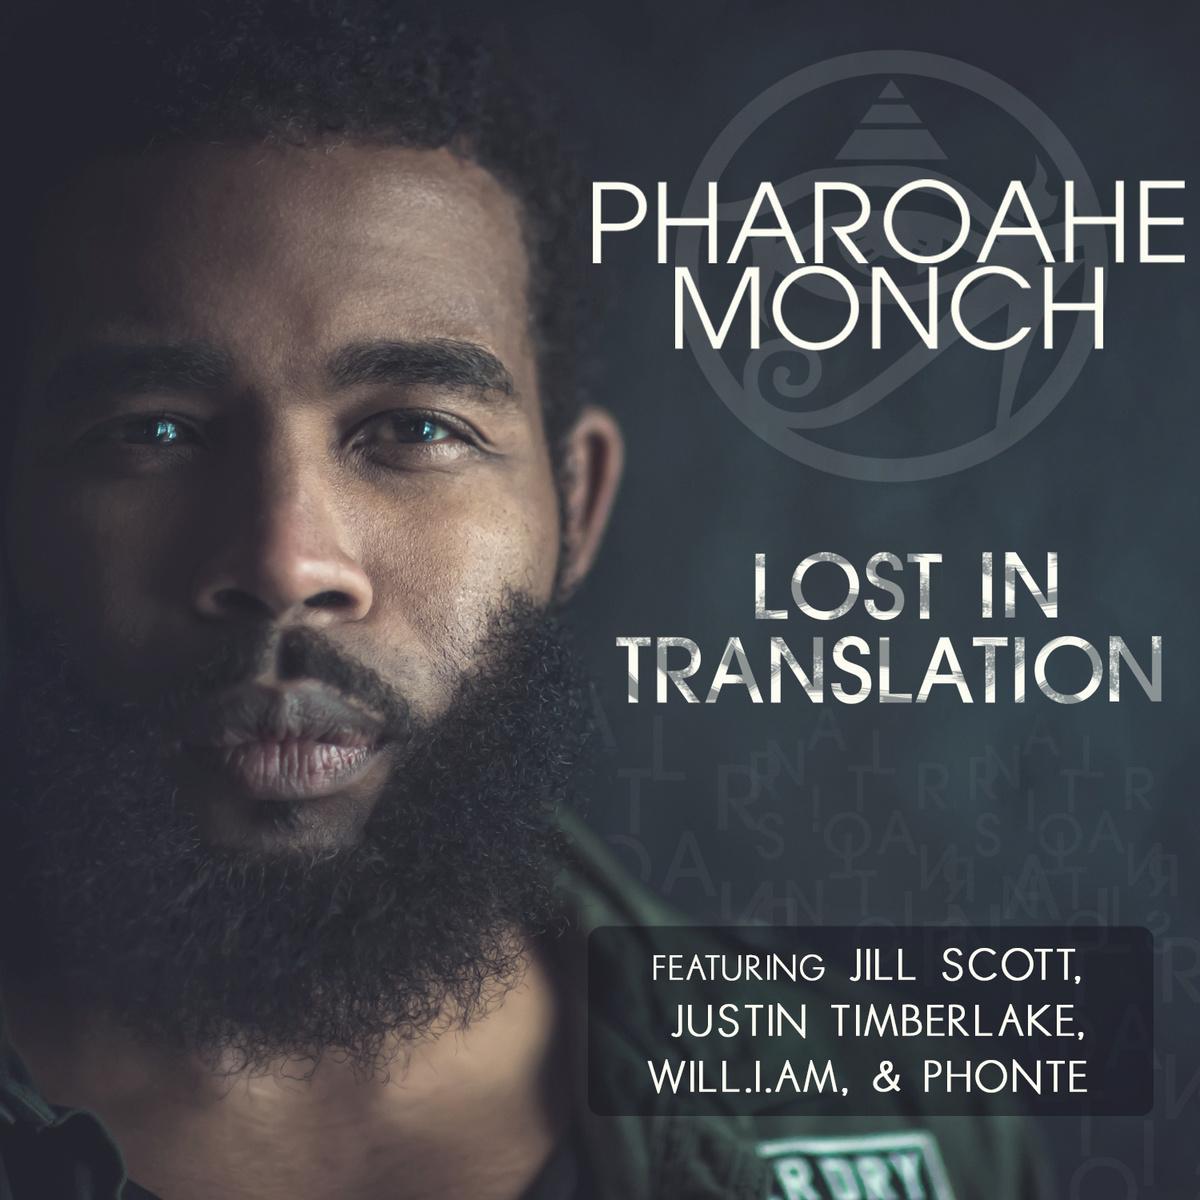 Pharoahe_monch_-_lost_in_translation